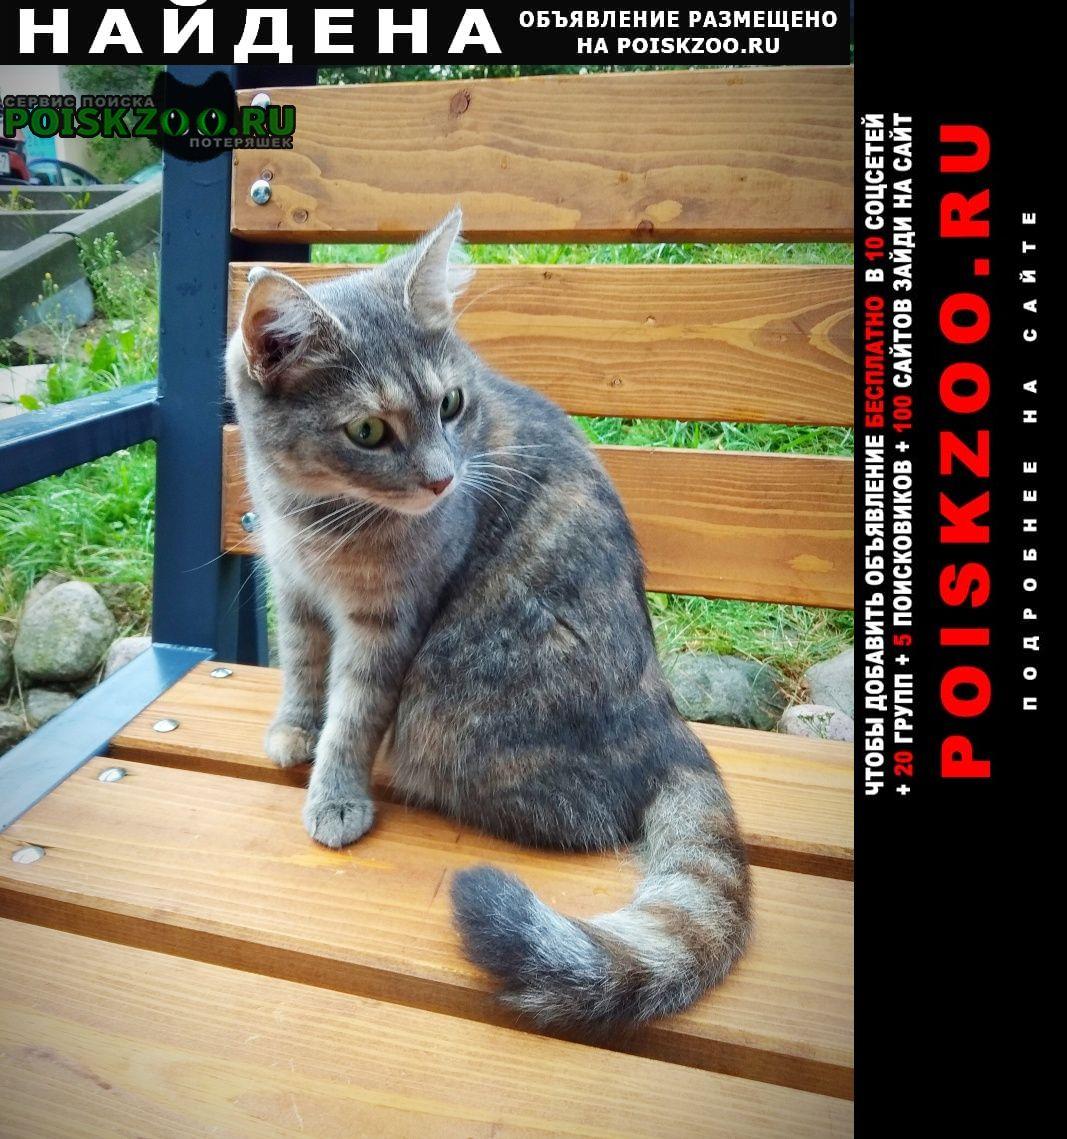 Найдена кошка Минск